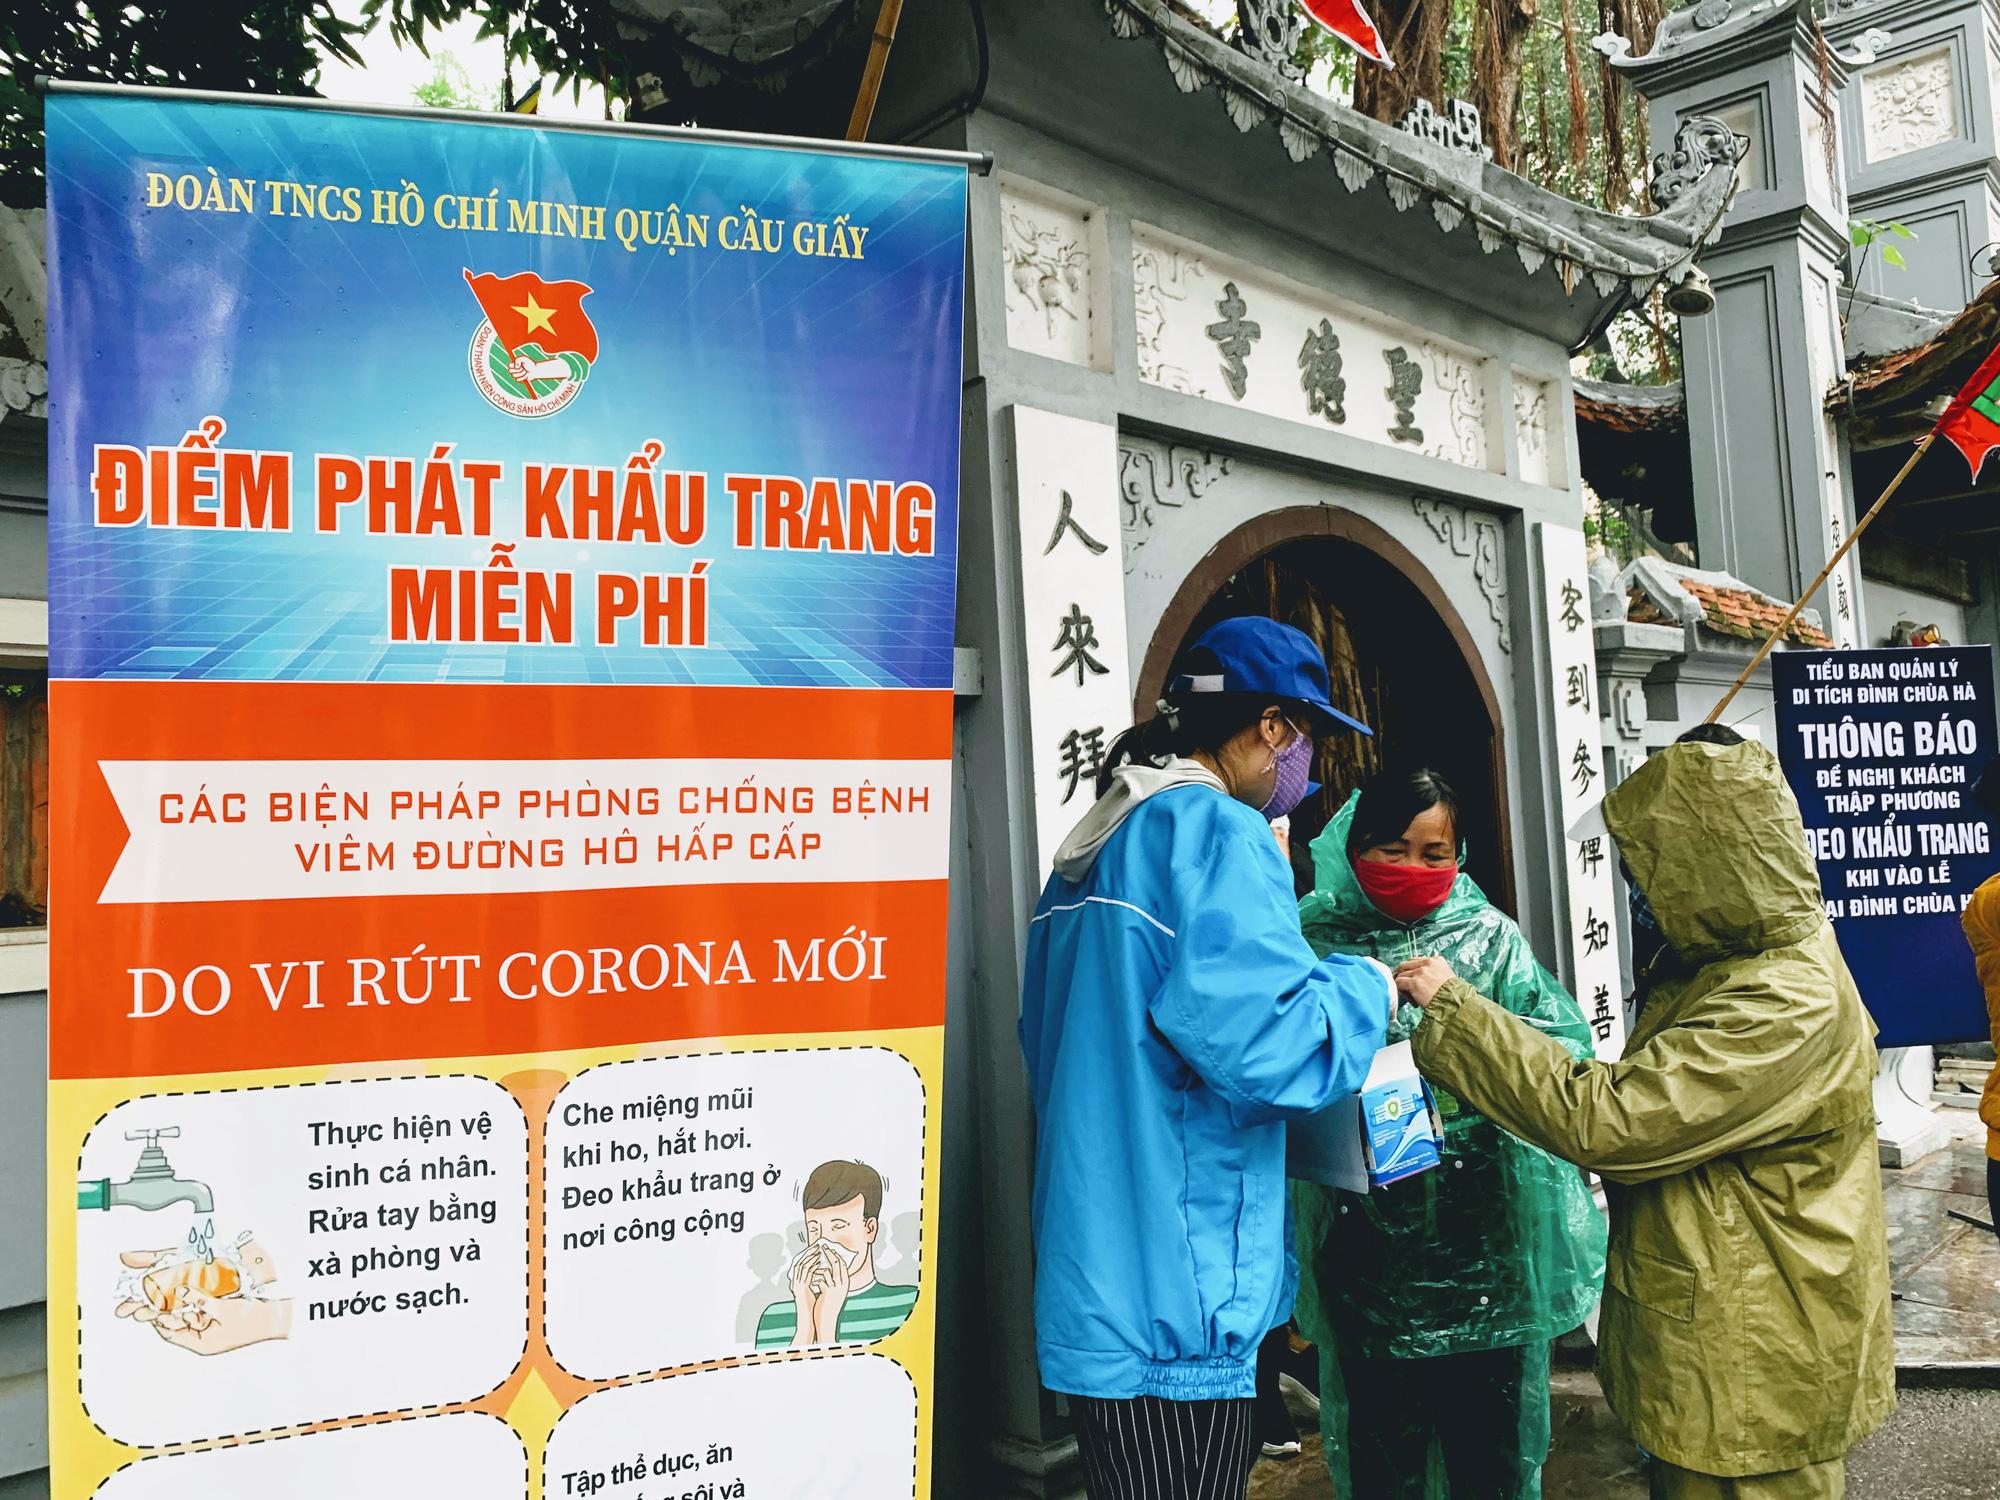 Rằm tháng Giêng, hàng quán ven đền chùa ế ẩm, người bán than trời: Chưa năm nào vắng như năm nay - Ảnh 1.